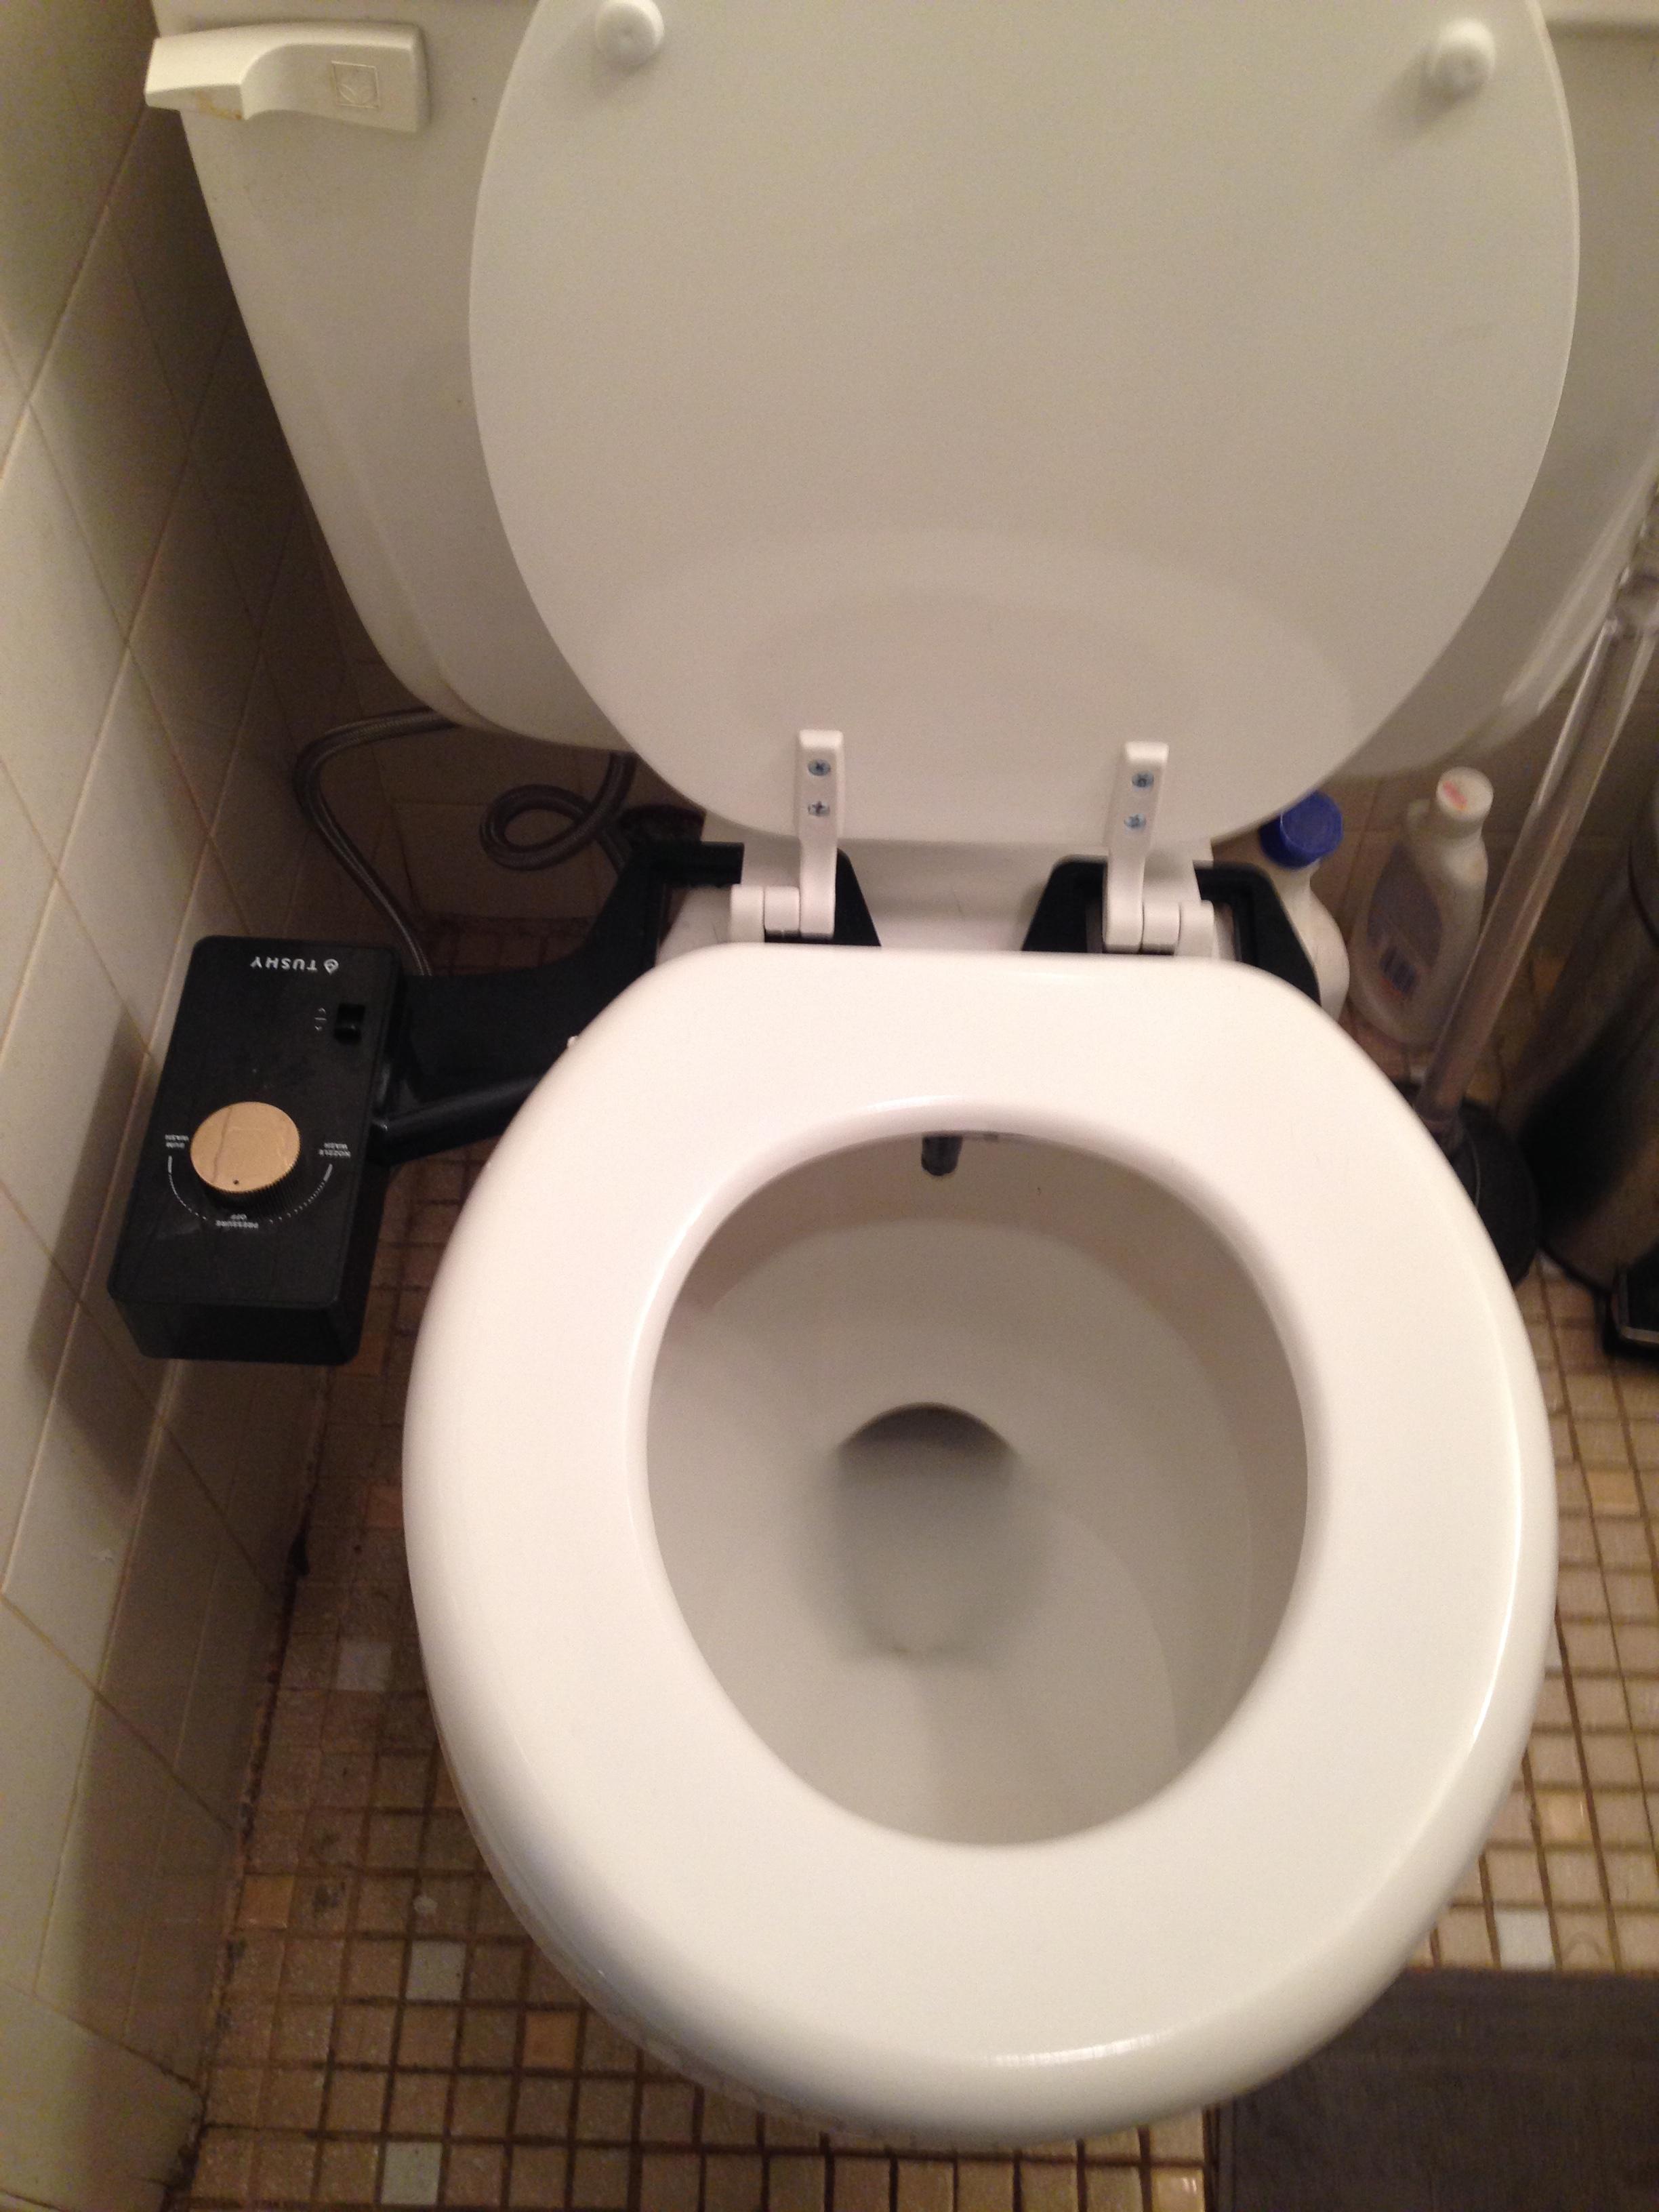 Fine Under 100 Toilet Seat Bidets Reviews Installation Info Ibusinesslaw Wood Chair Design Ideas Ibusinesslaworg